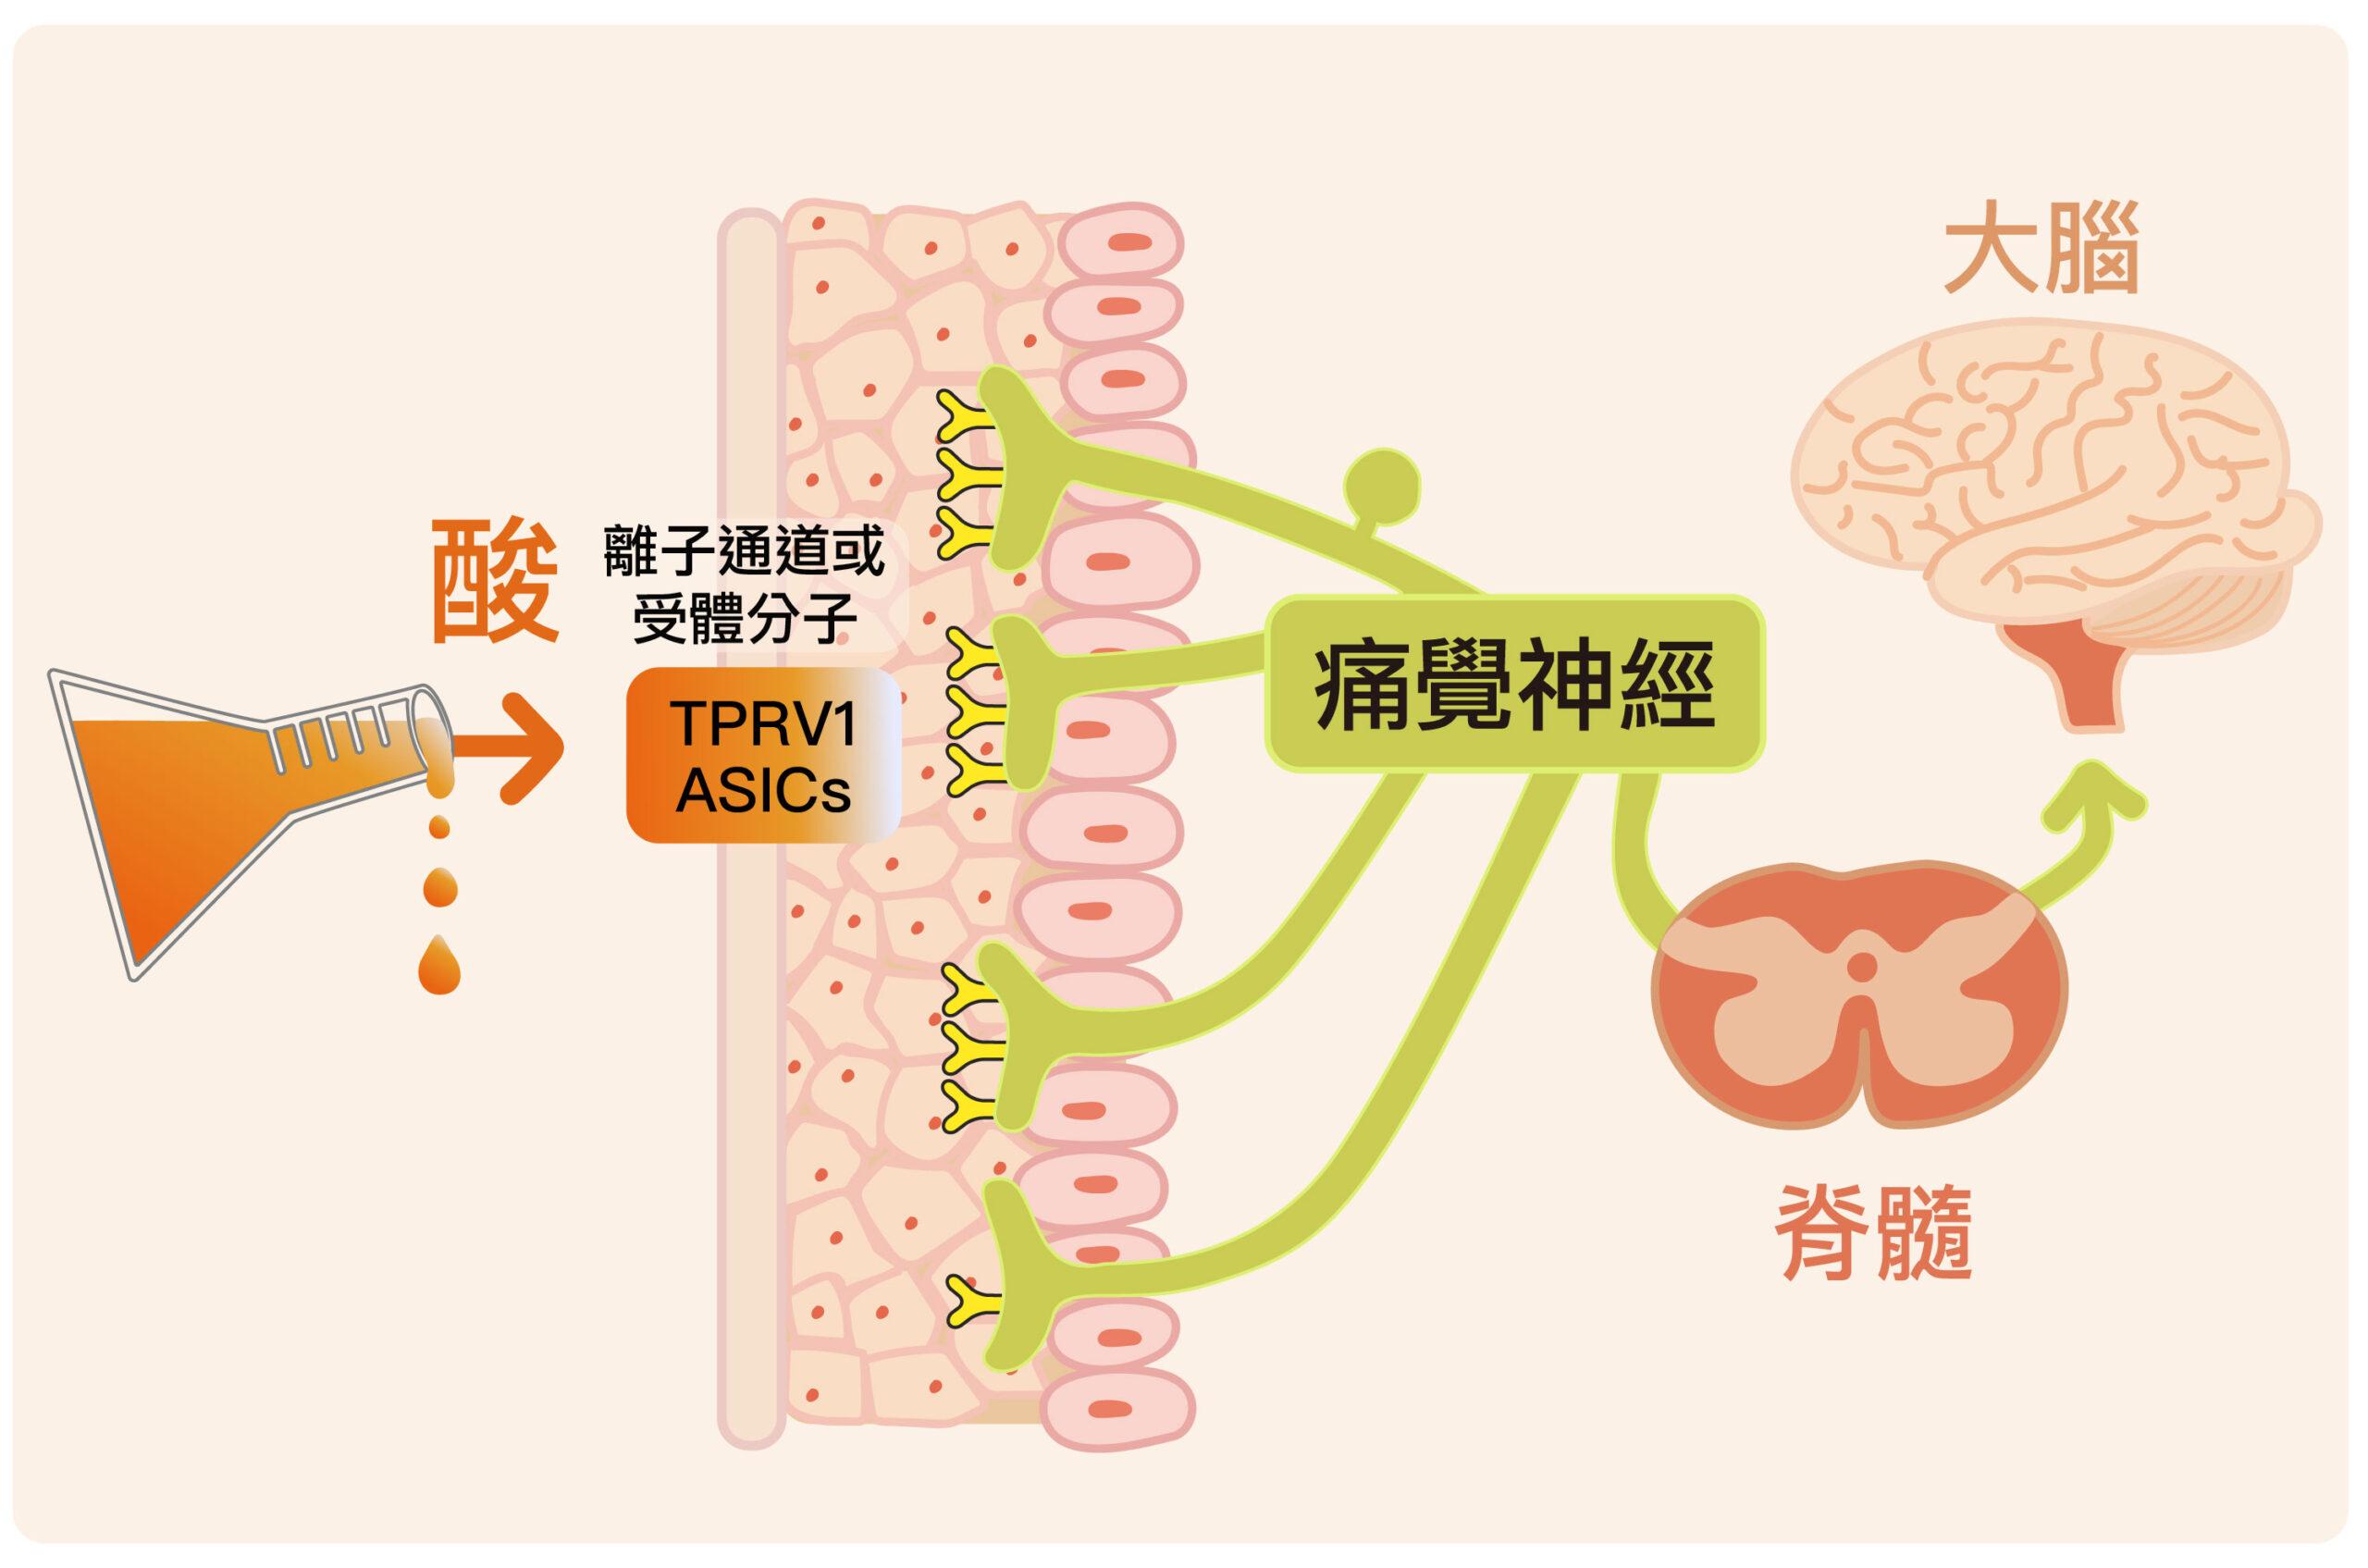 我們身上所有組織都有痛覺神經,上面有許多離子通道或是受體分子,分別對應不同來源的痛覺,其中可被酸激活的是酸敏性離子通道(ASICs)以及辣椒素受體蛋白(TRPV1)。圖|研之有物